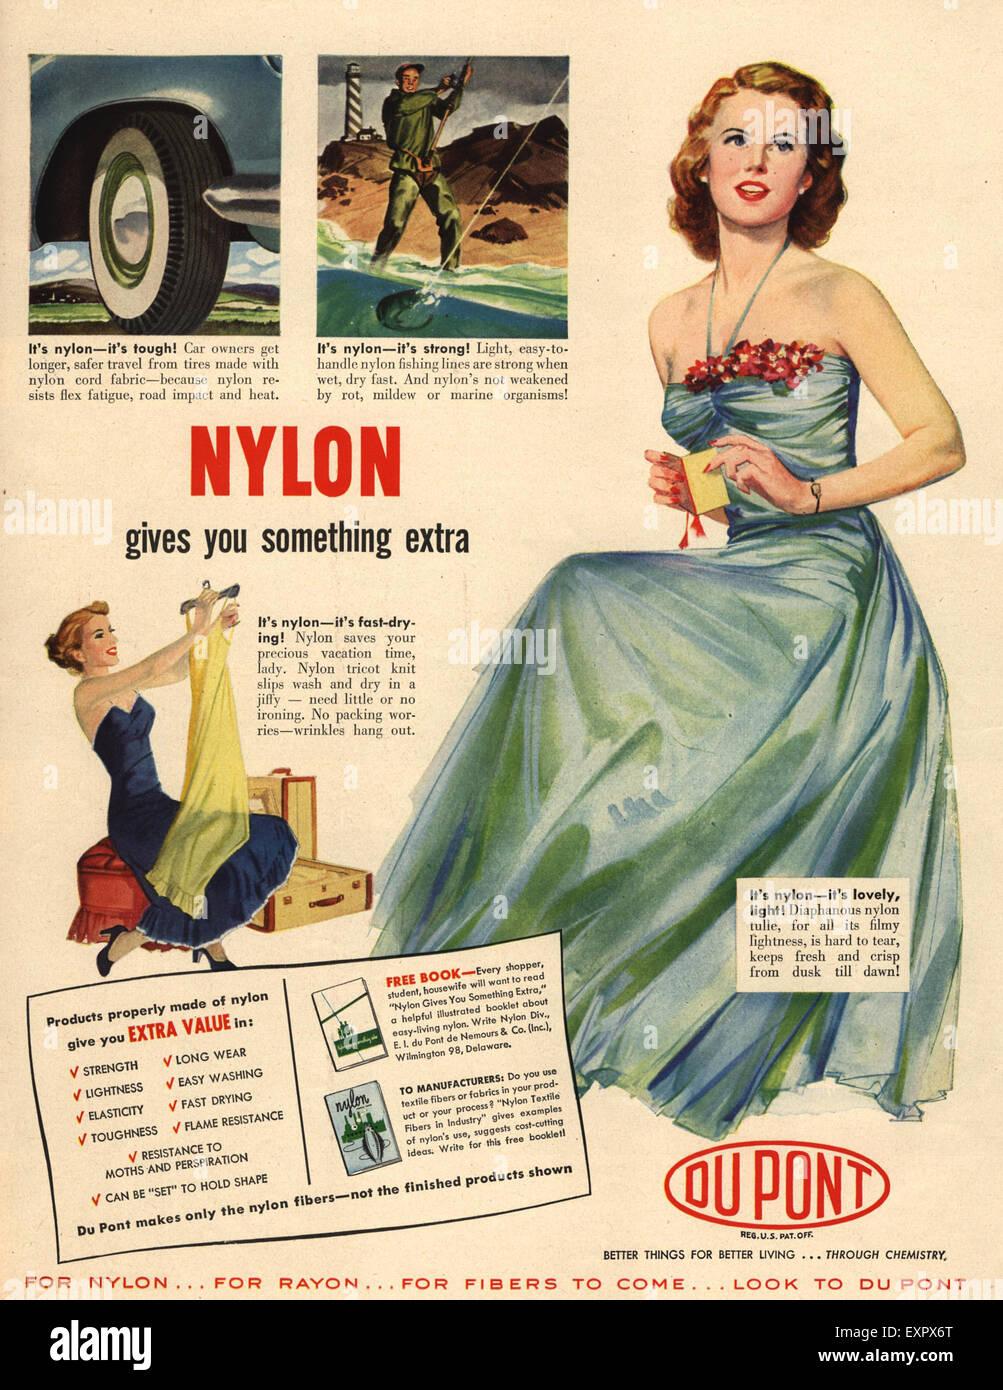 Nylon Dupont 16